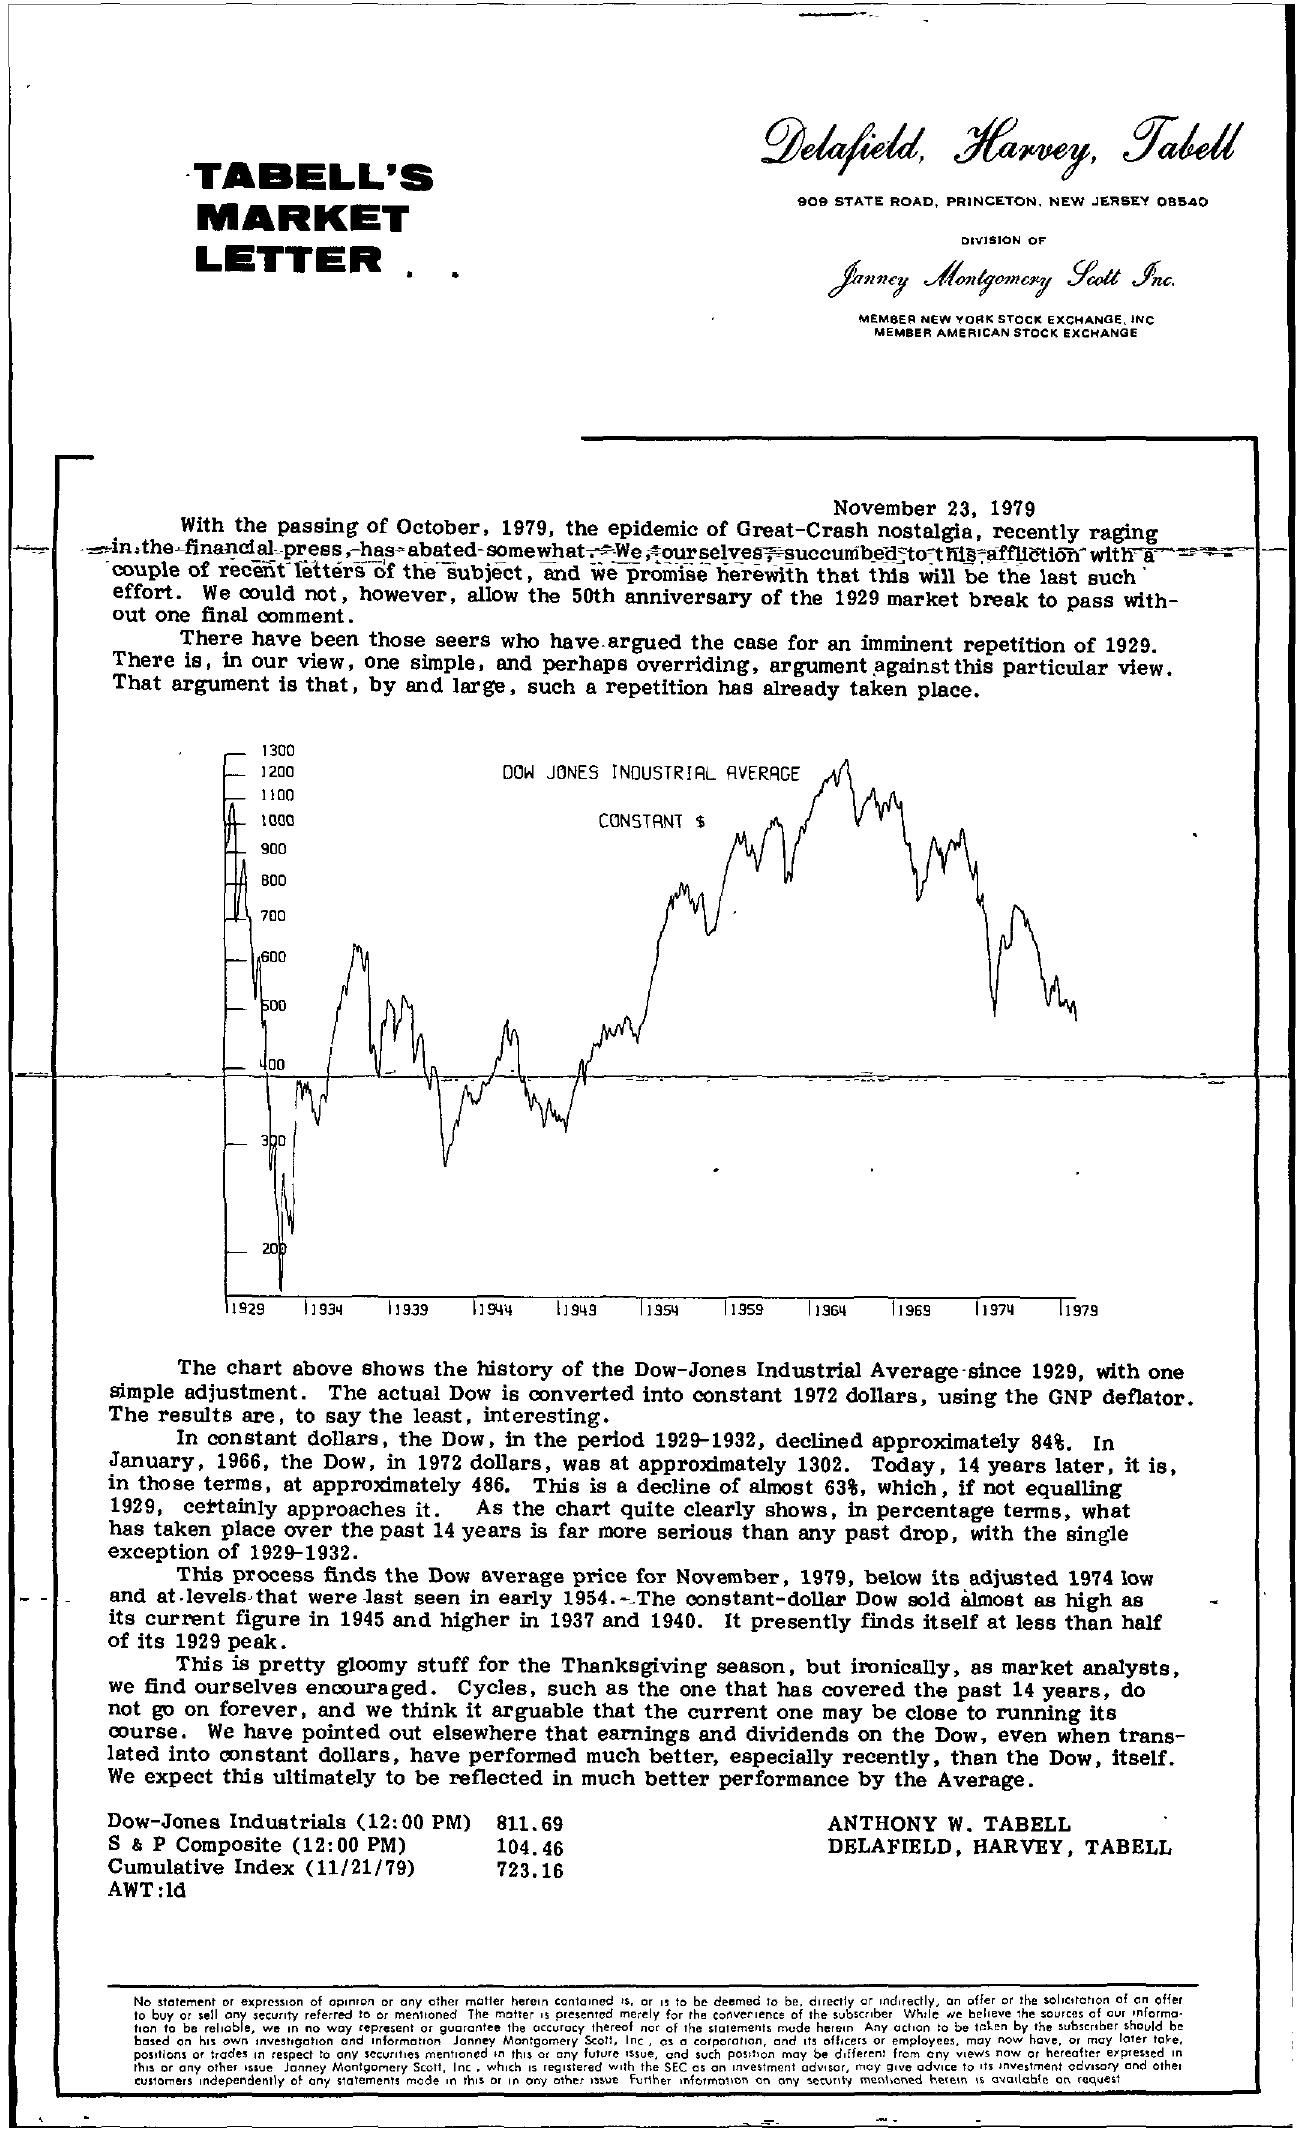 Tabell's Market Letter - November 23, 1979